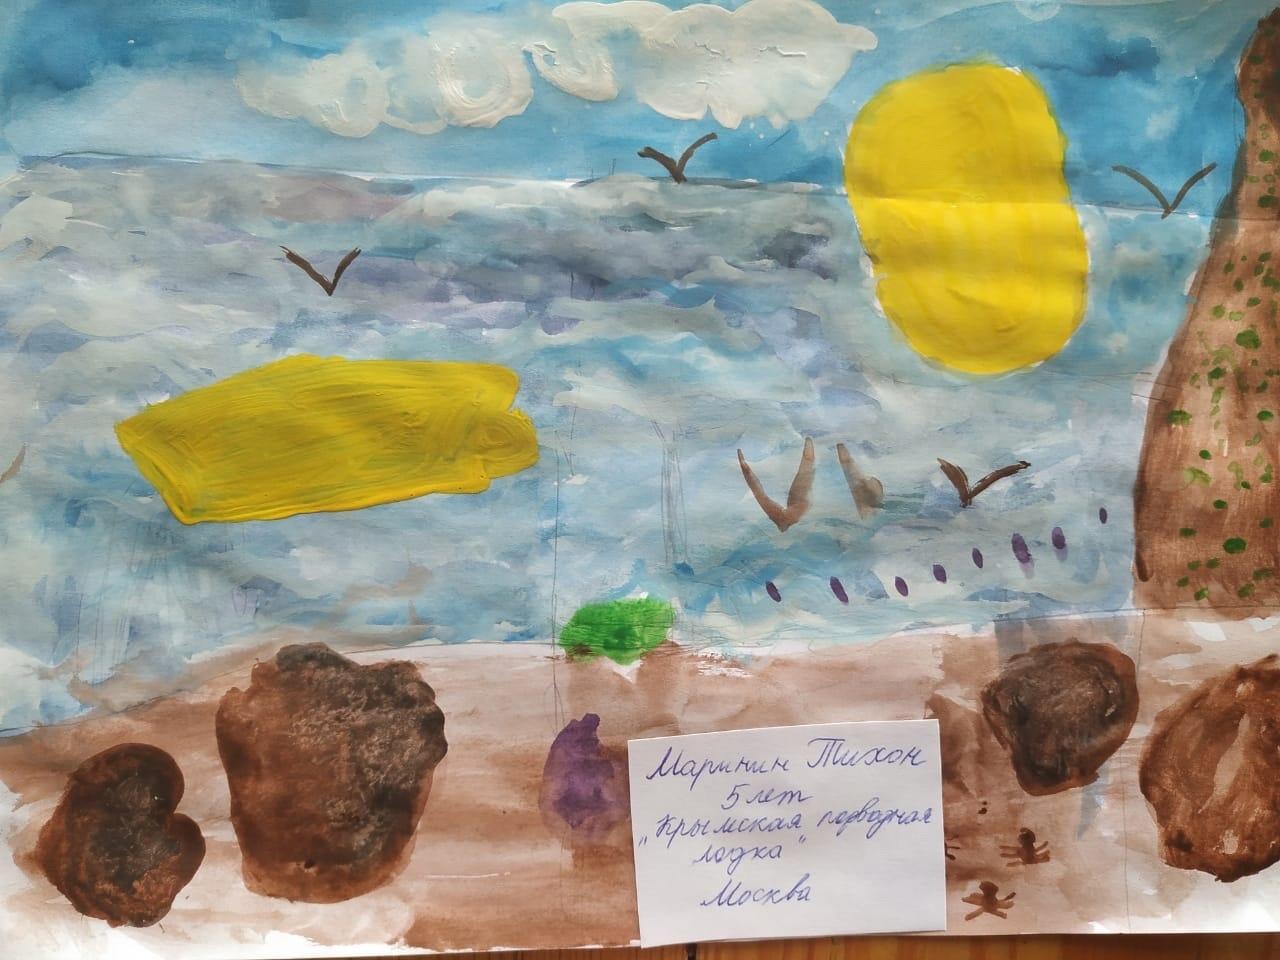 Конкурс рисунка и занятия художественного творчества для взрослых и детей